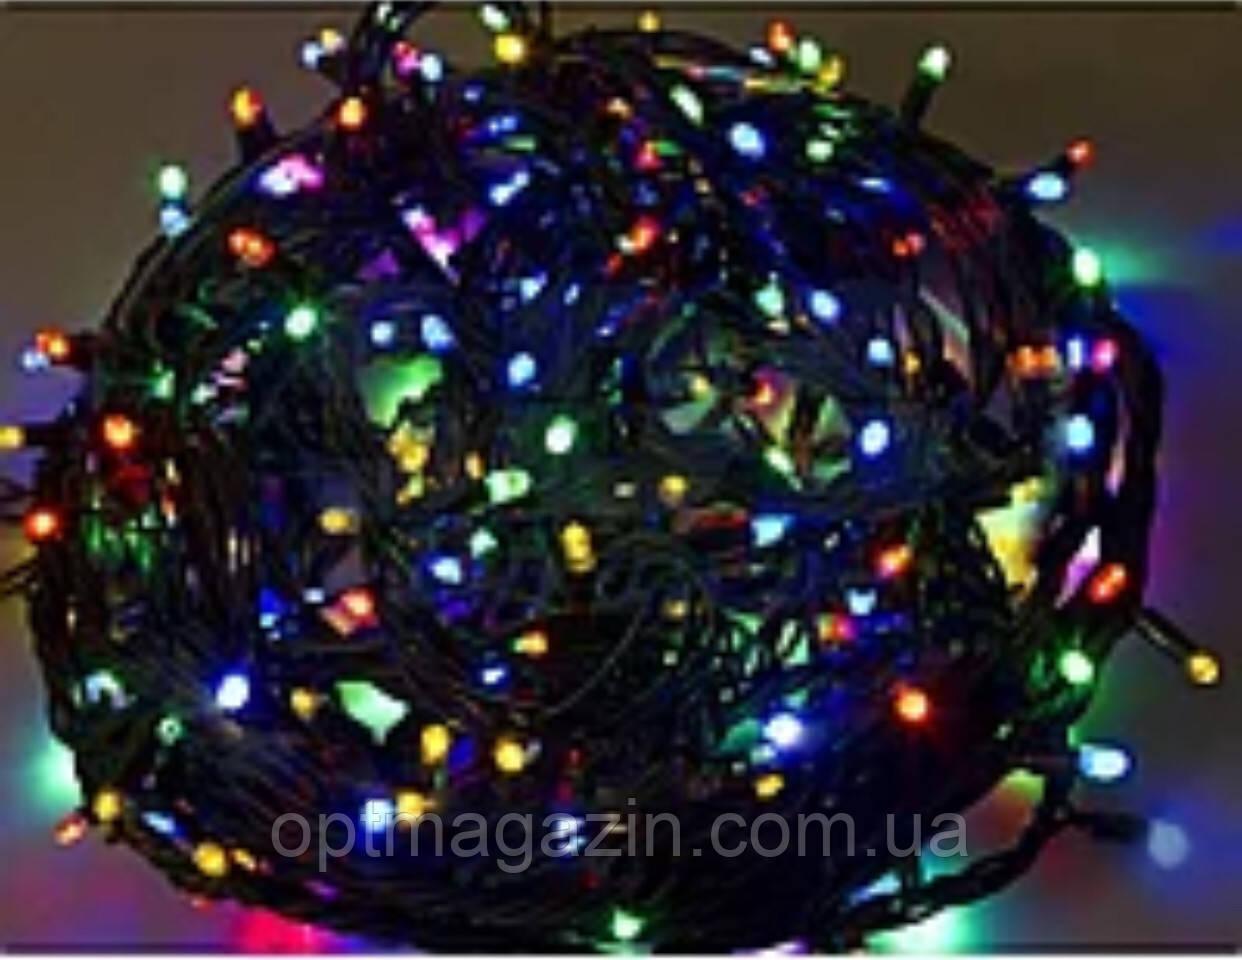 Гирлянда черный шнур хрусталь 200 LED мультик